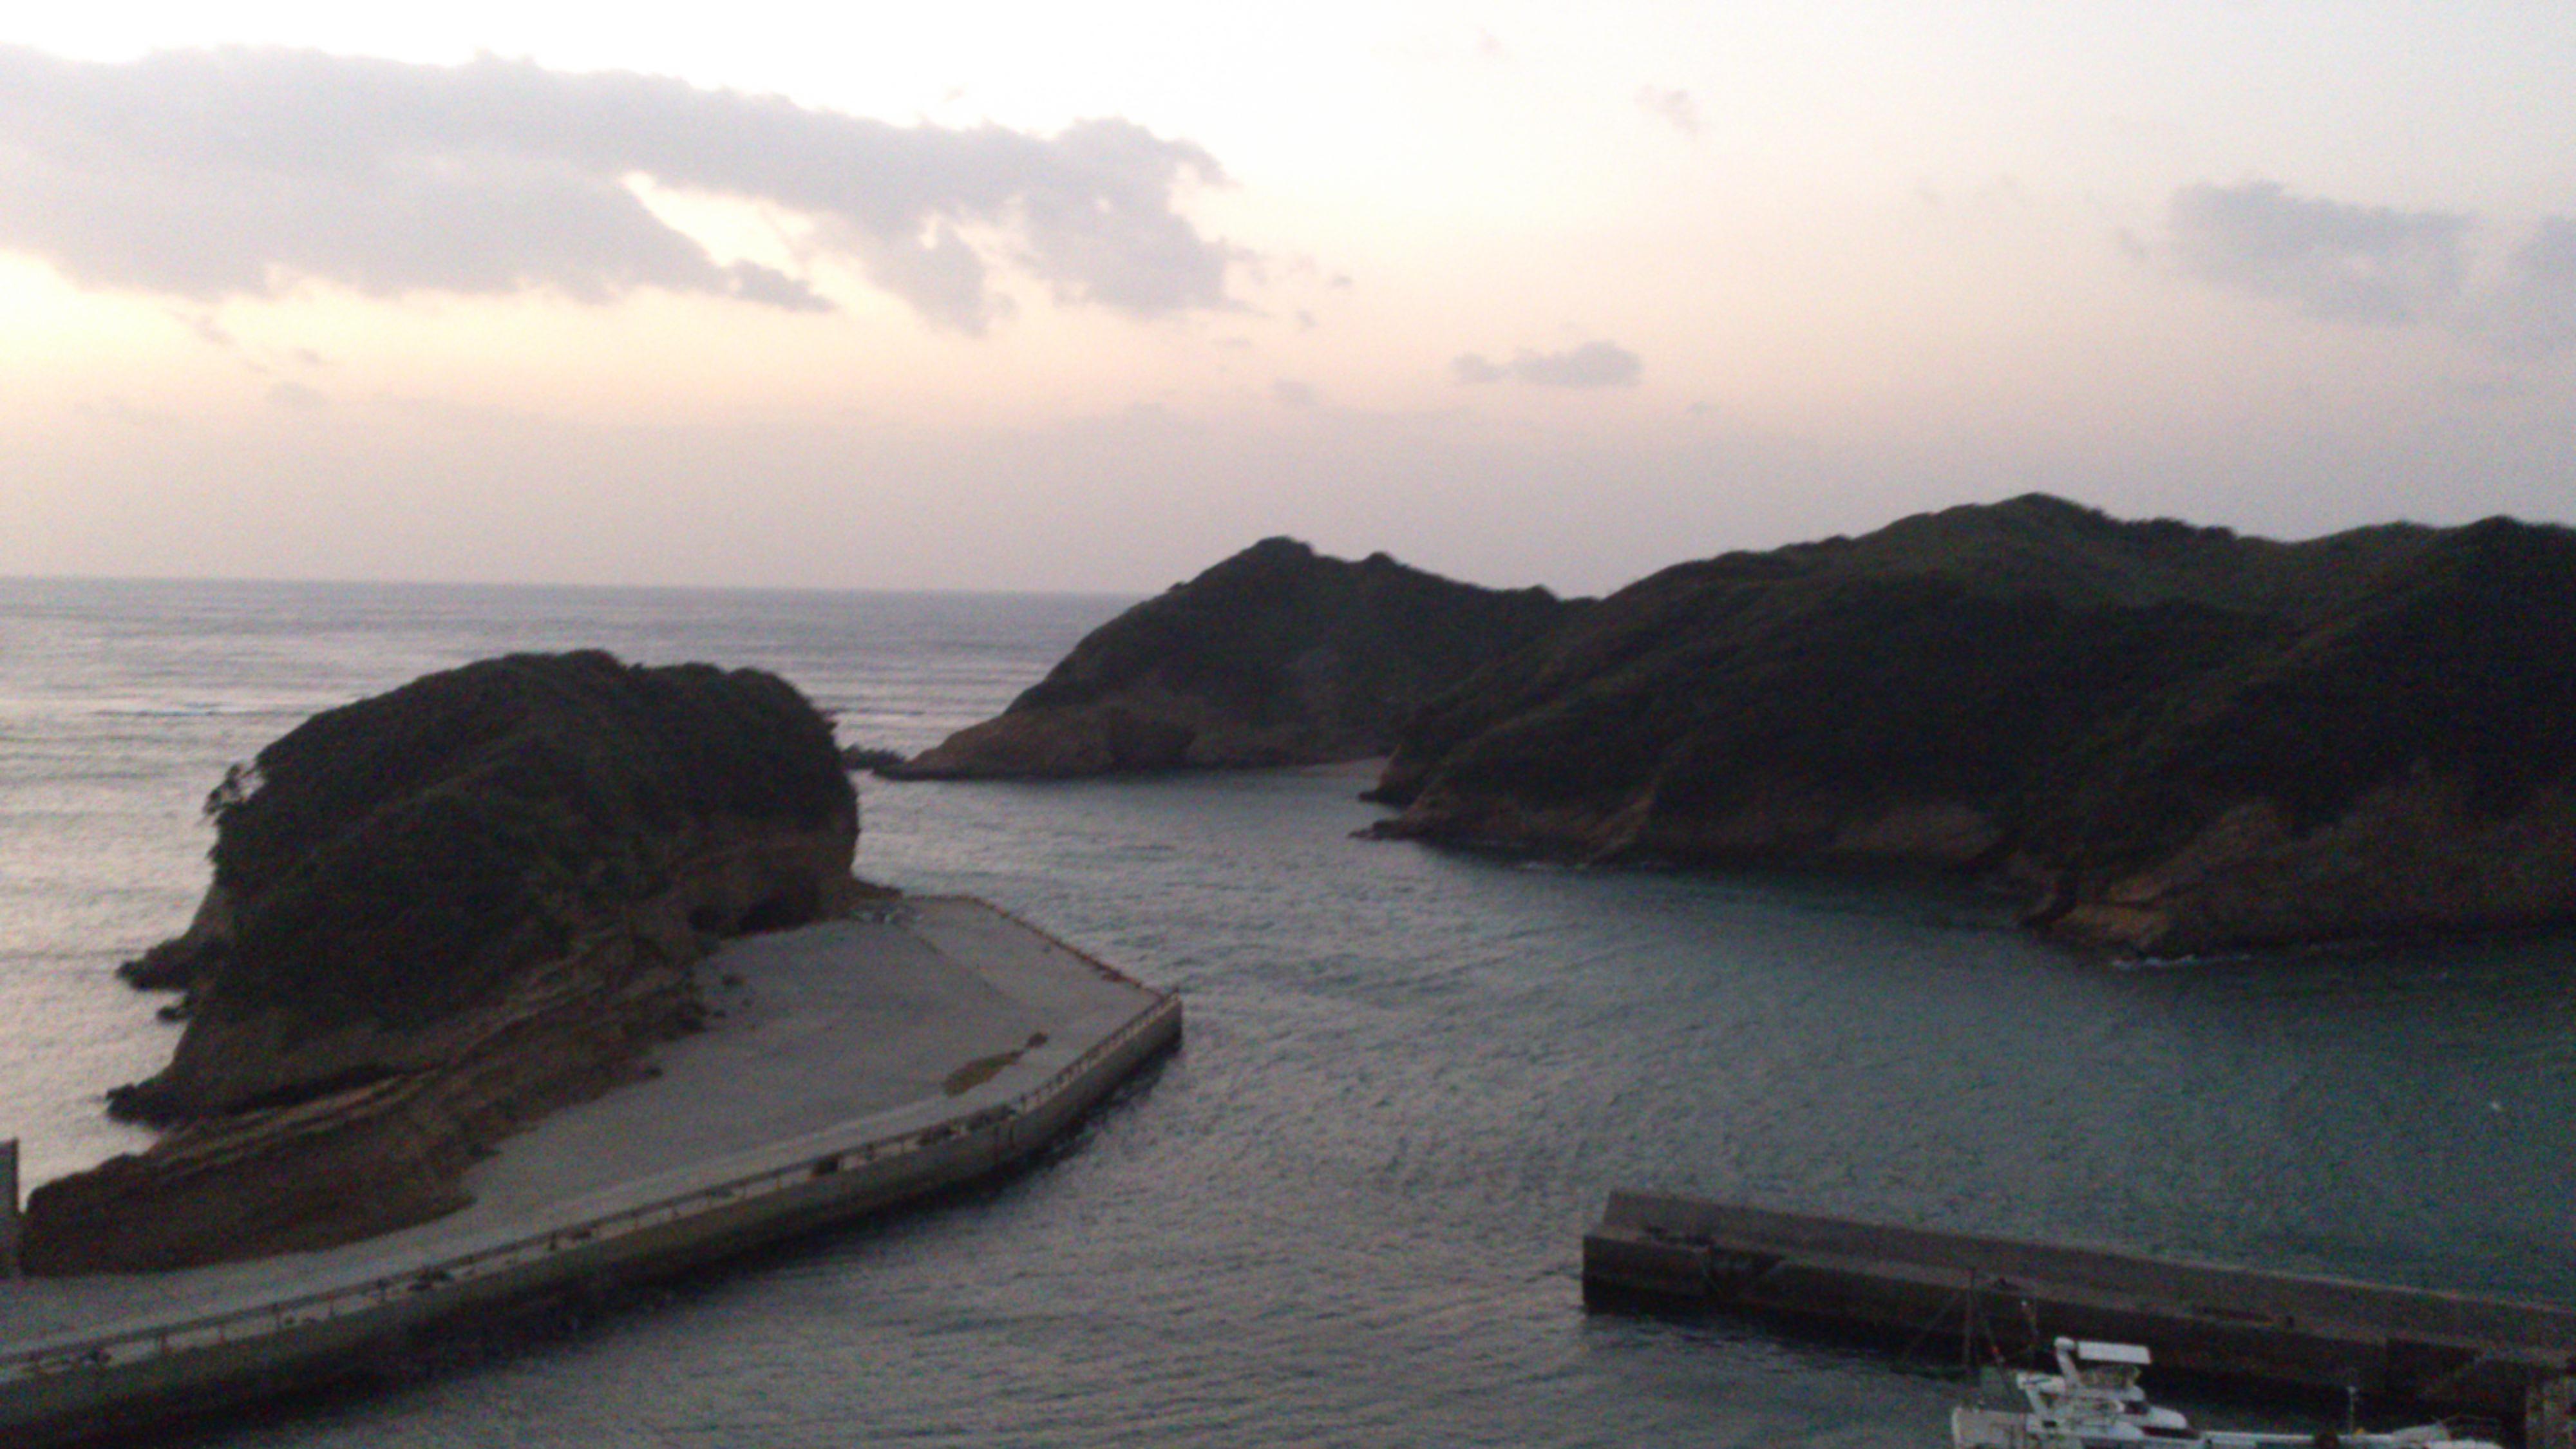 2012年12月。僕は種子島を一人で旅した:竹崎展望台で撮影②(これもたぶん)